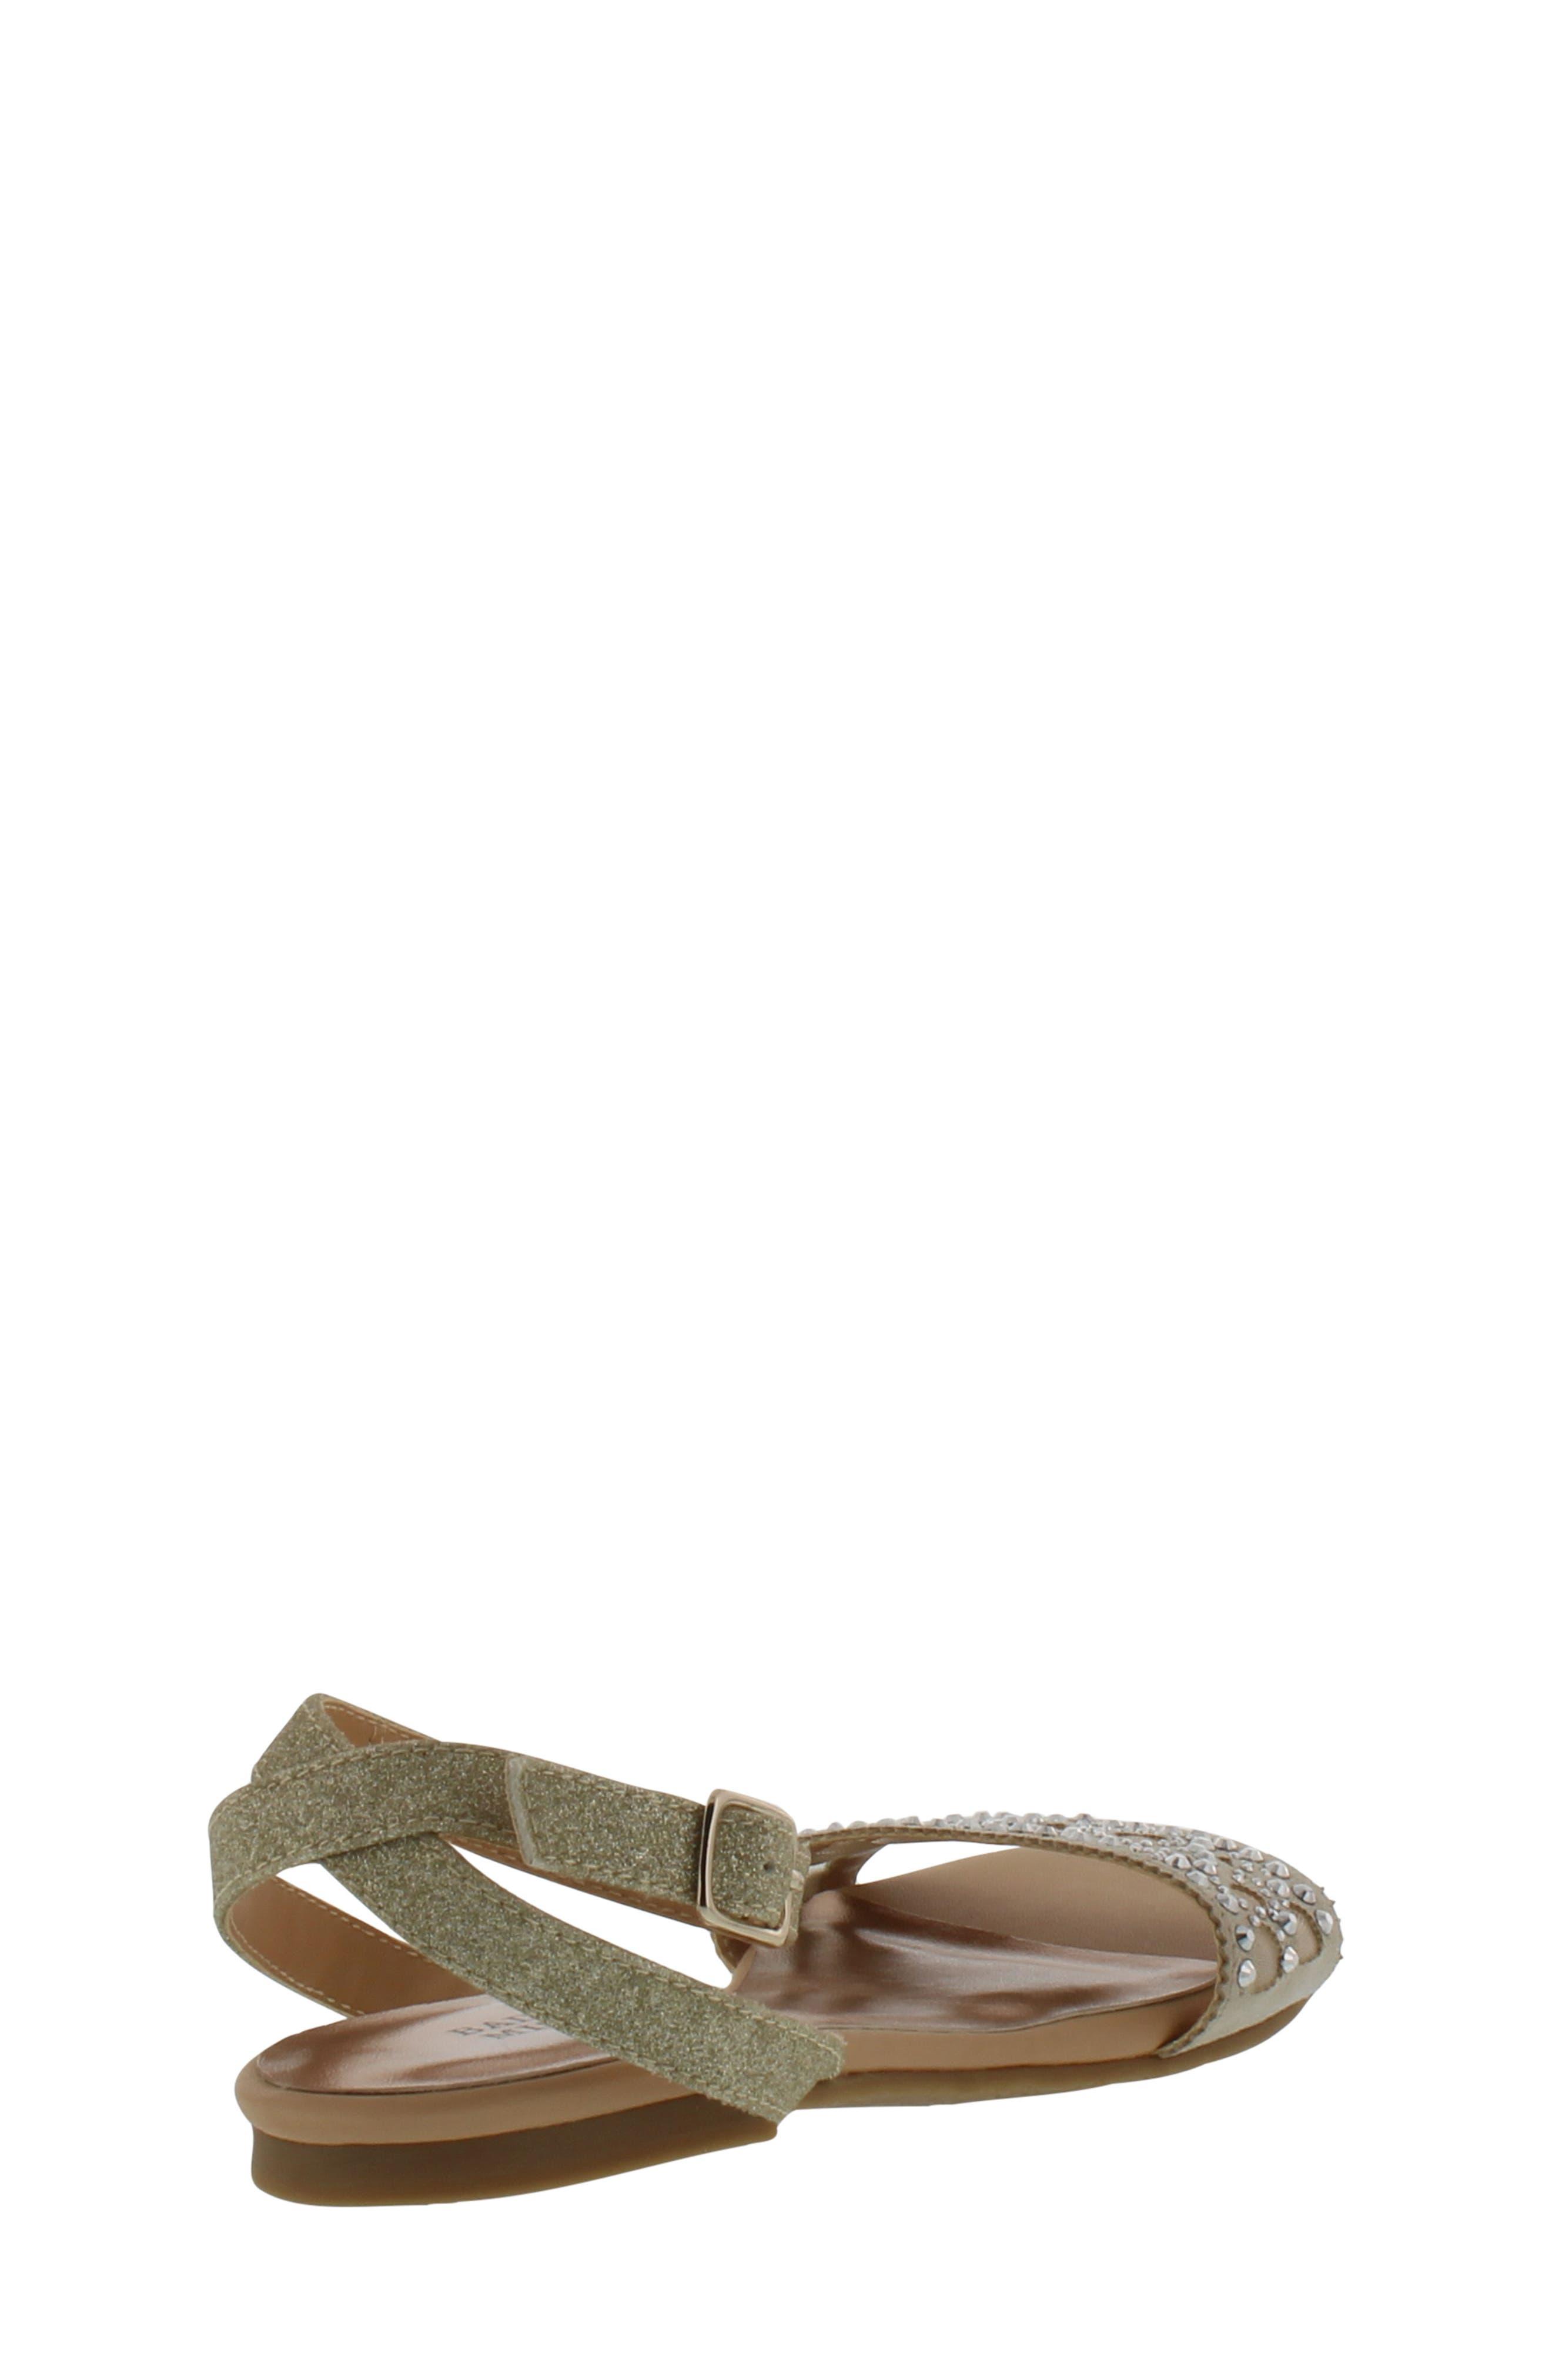 Alternate Image 2  - Badgley Mischka Cara Embellished Sandal (Toddler, Little Kid & Big Kid)